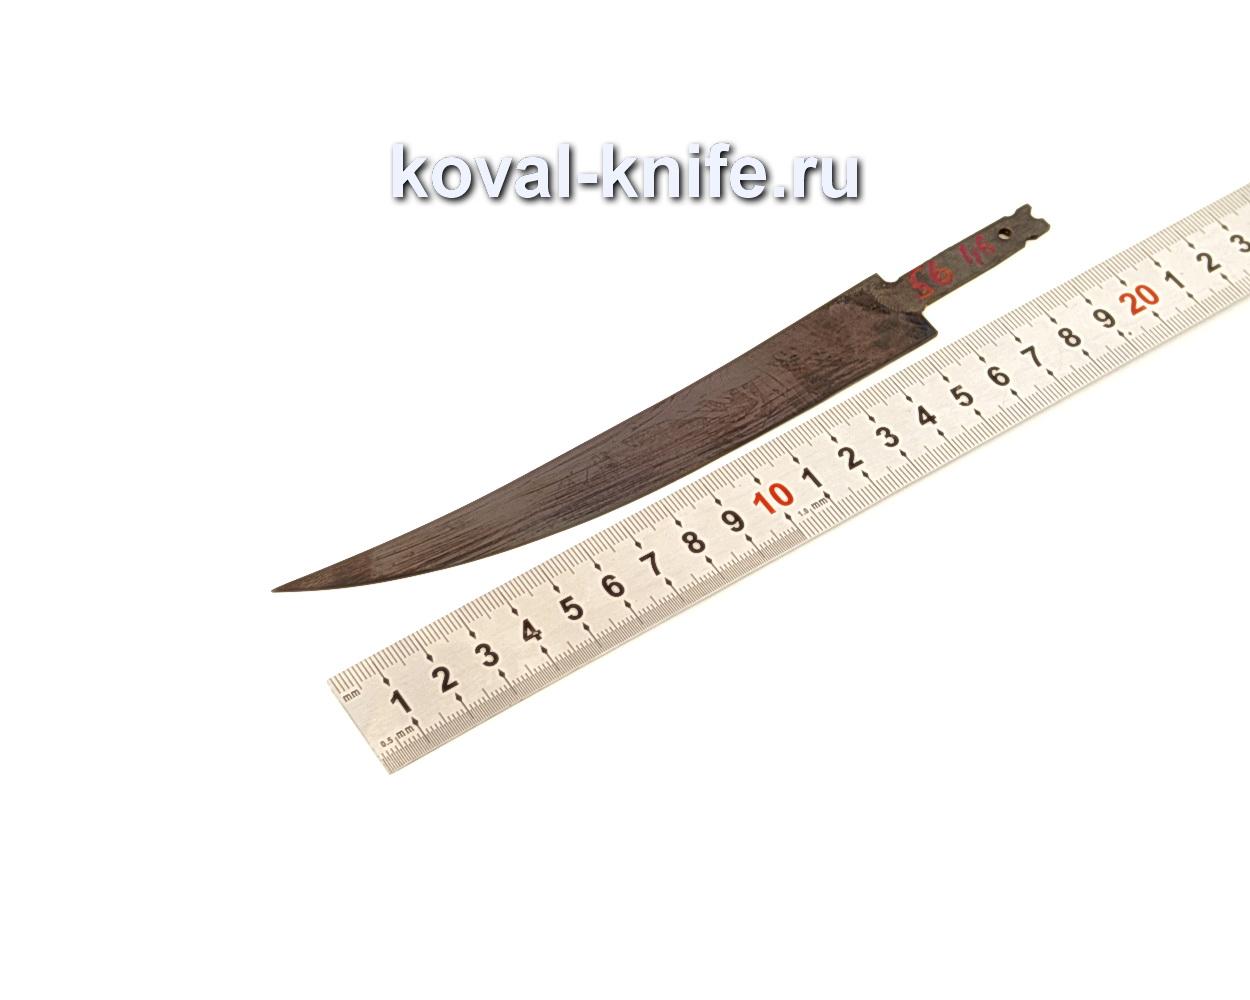 Клинок для филейного ножа из кованой стали У10А N56